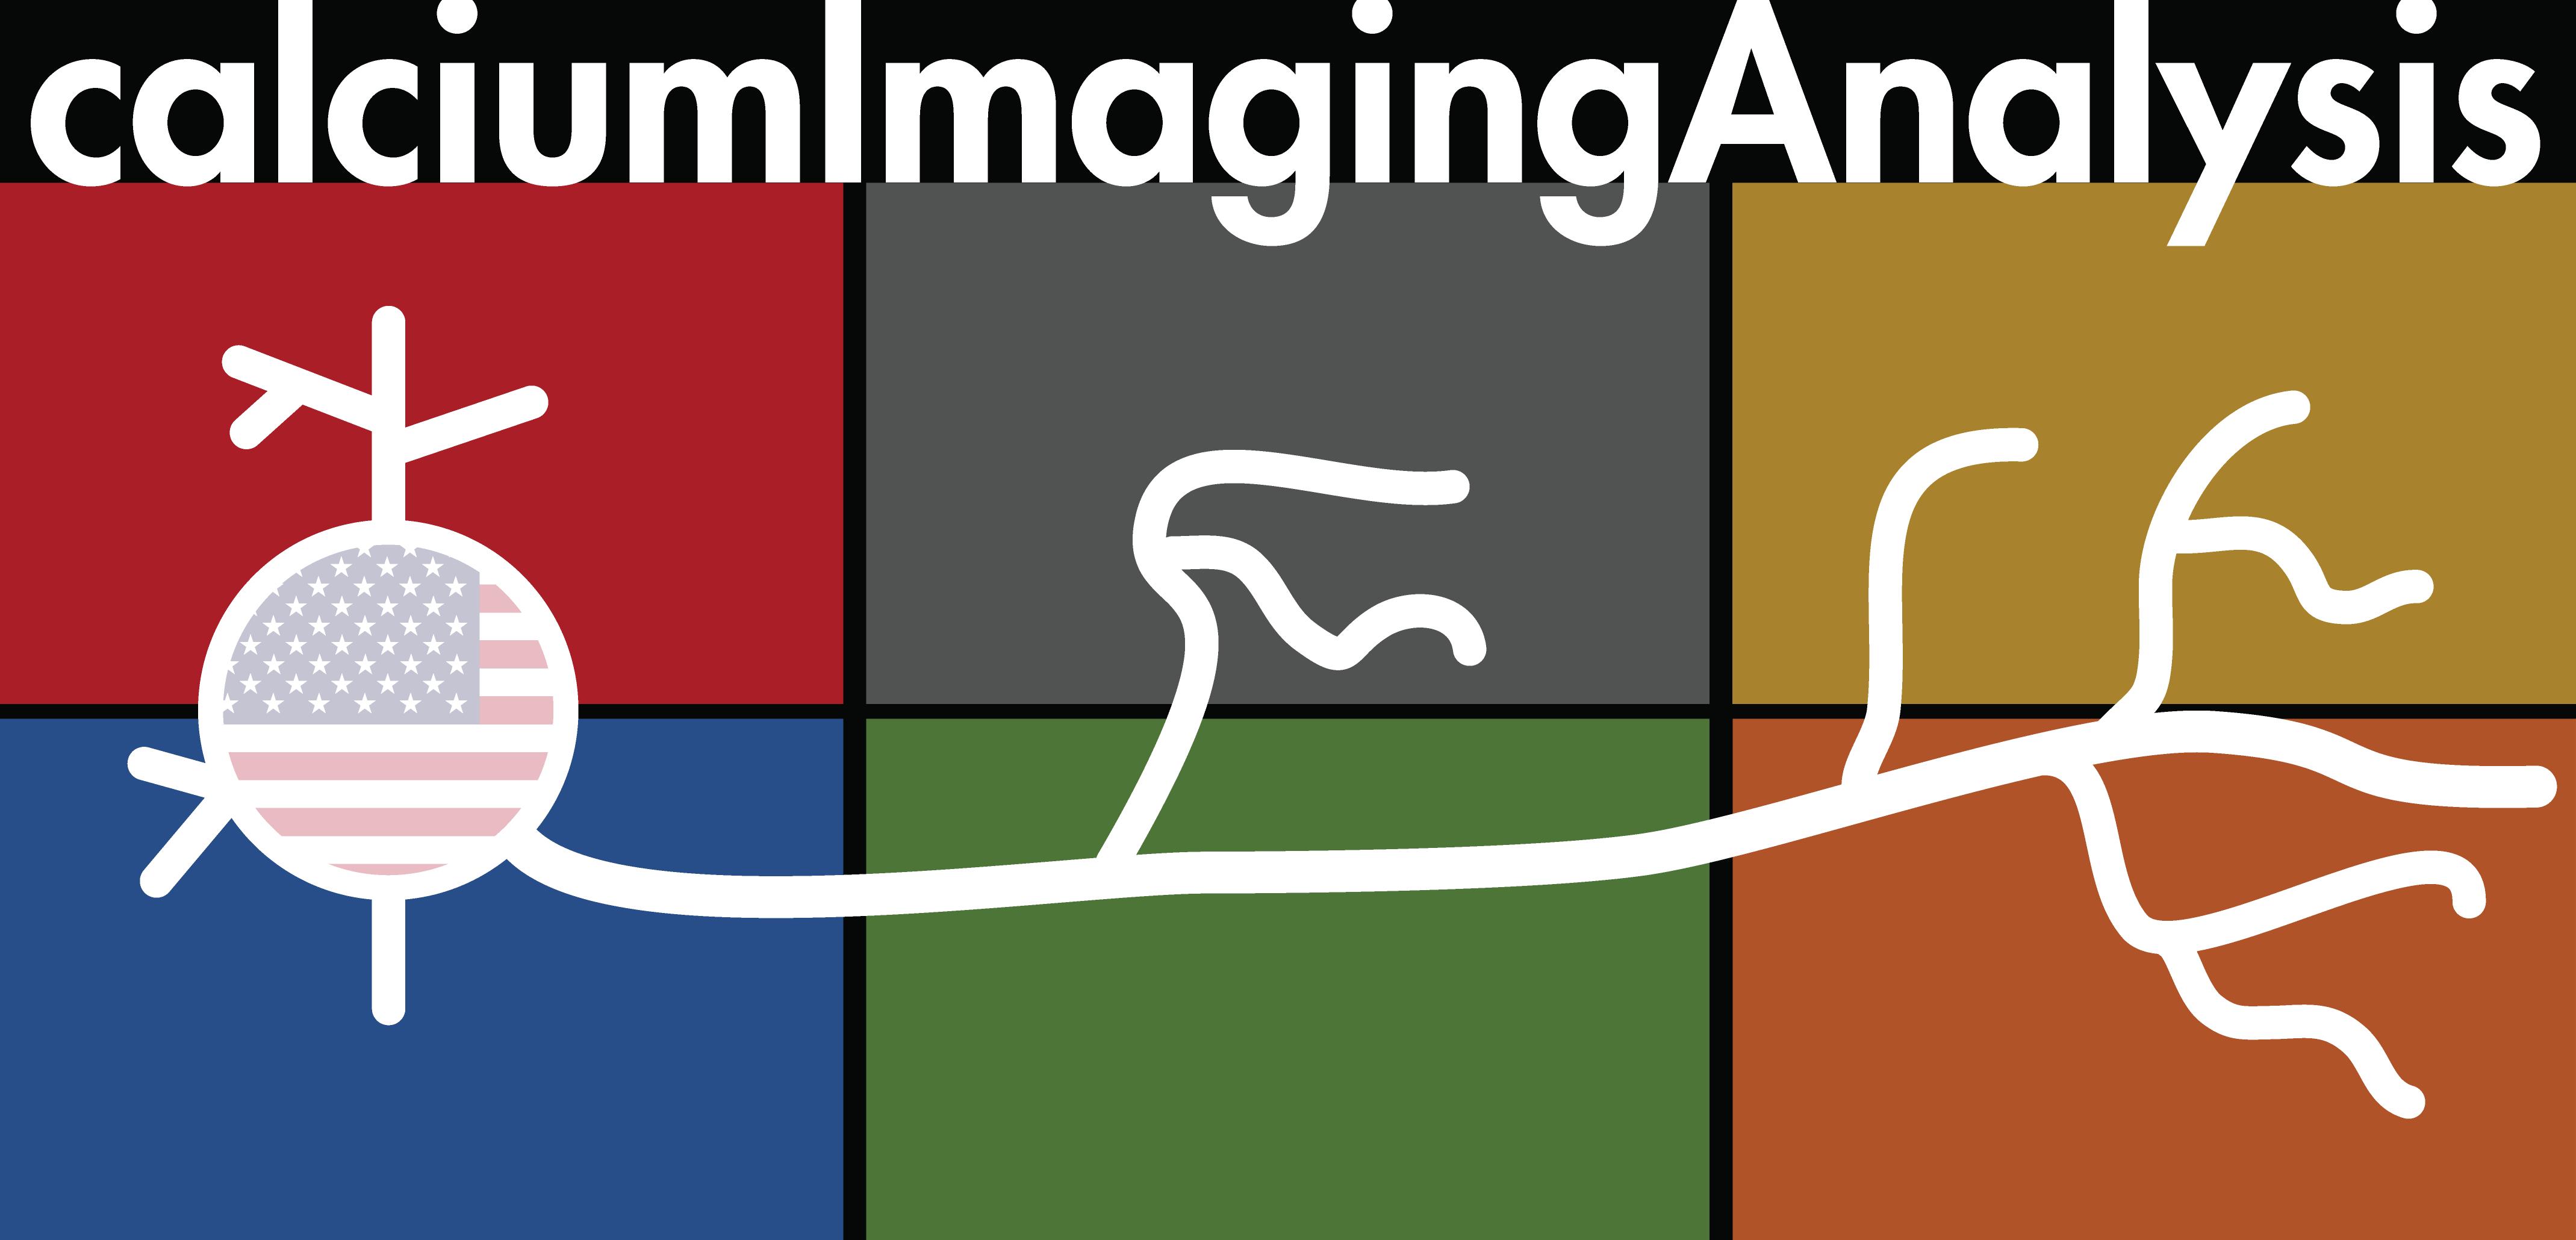 calciumImagingAnalysis_logo